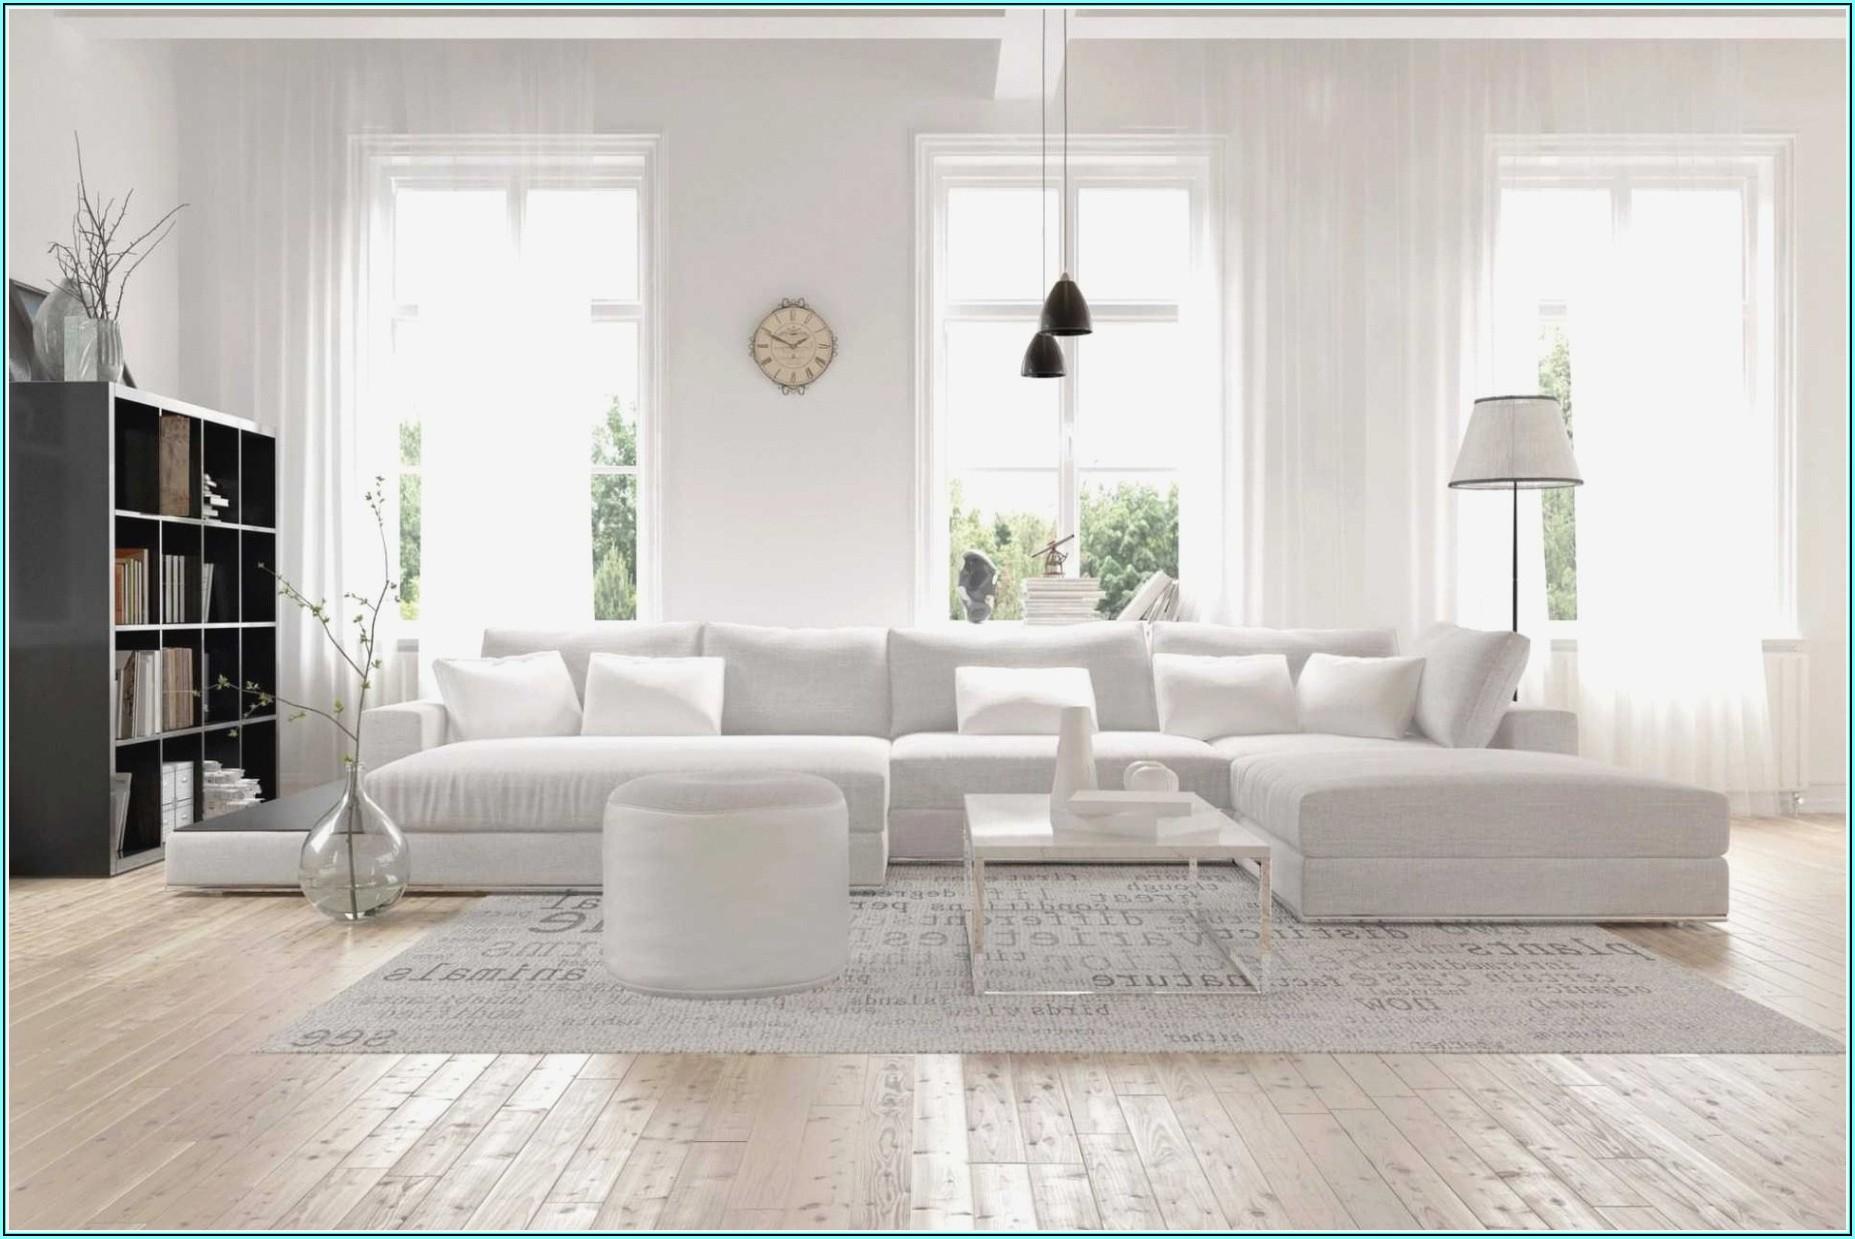 Wohnzimmer Ideen Für Große Räume - wohnzimmer : House und ...